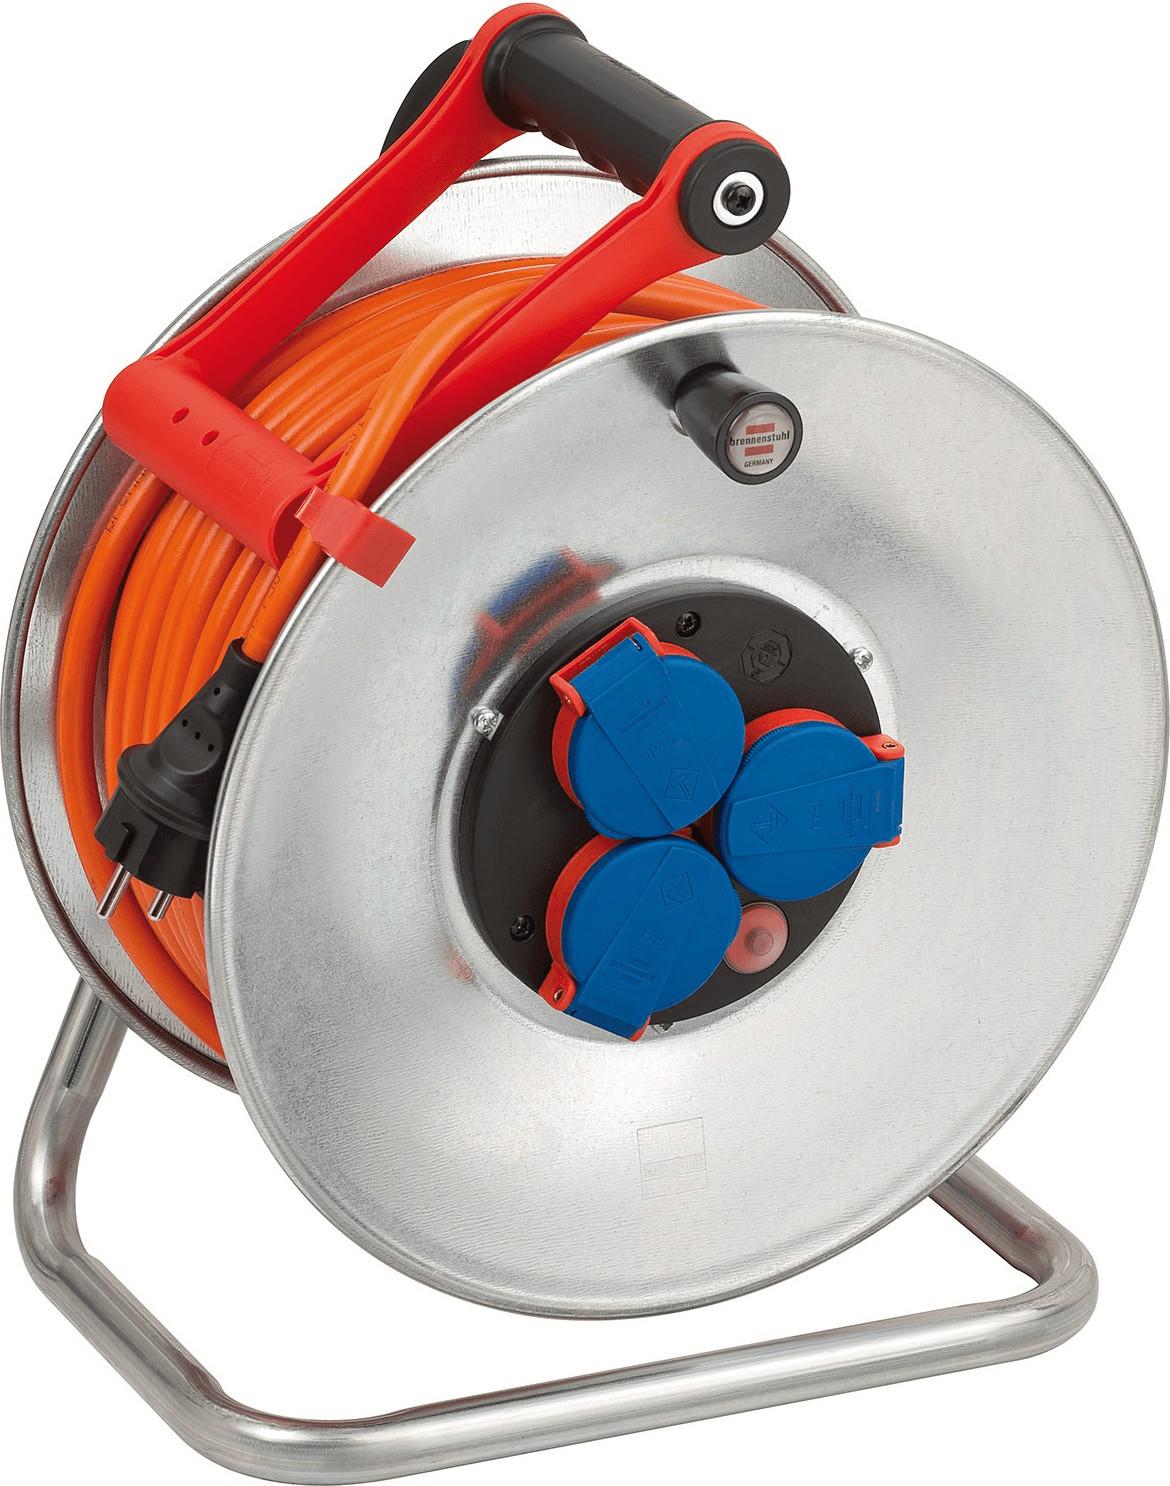 Brennenstuhl Kabeltrommel Garant S 290 40m IP 44 orange für 44,44€ [voelkner]